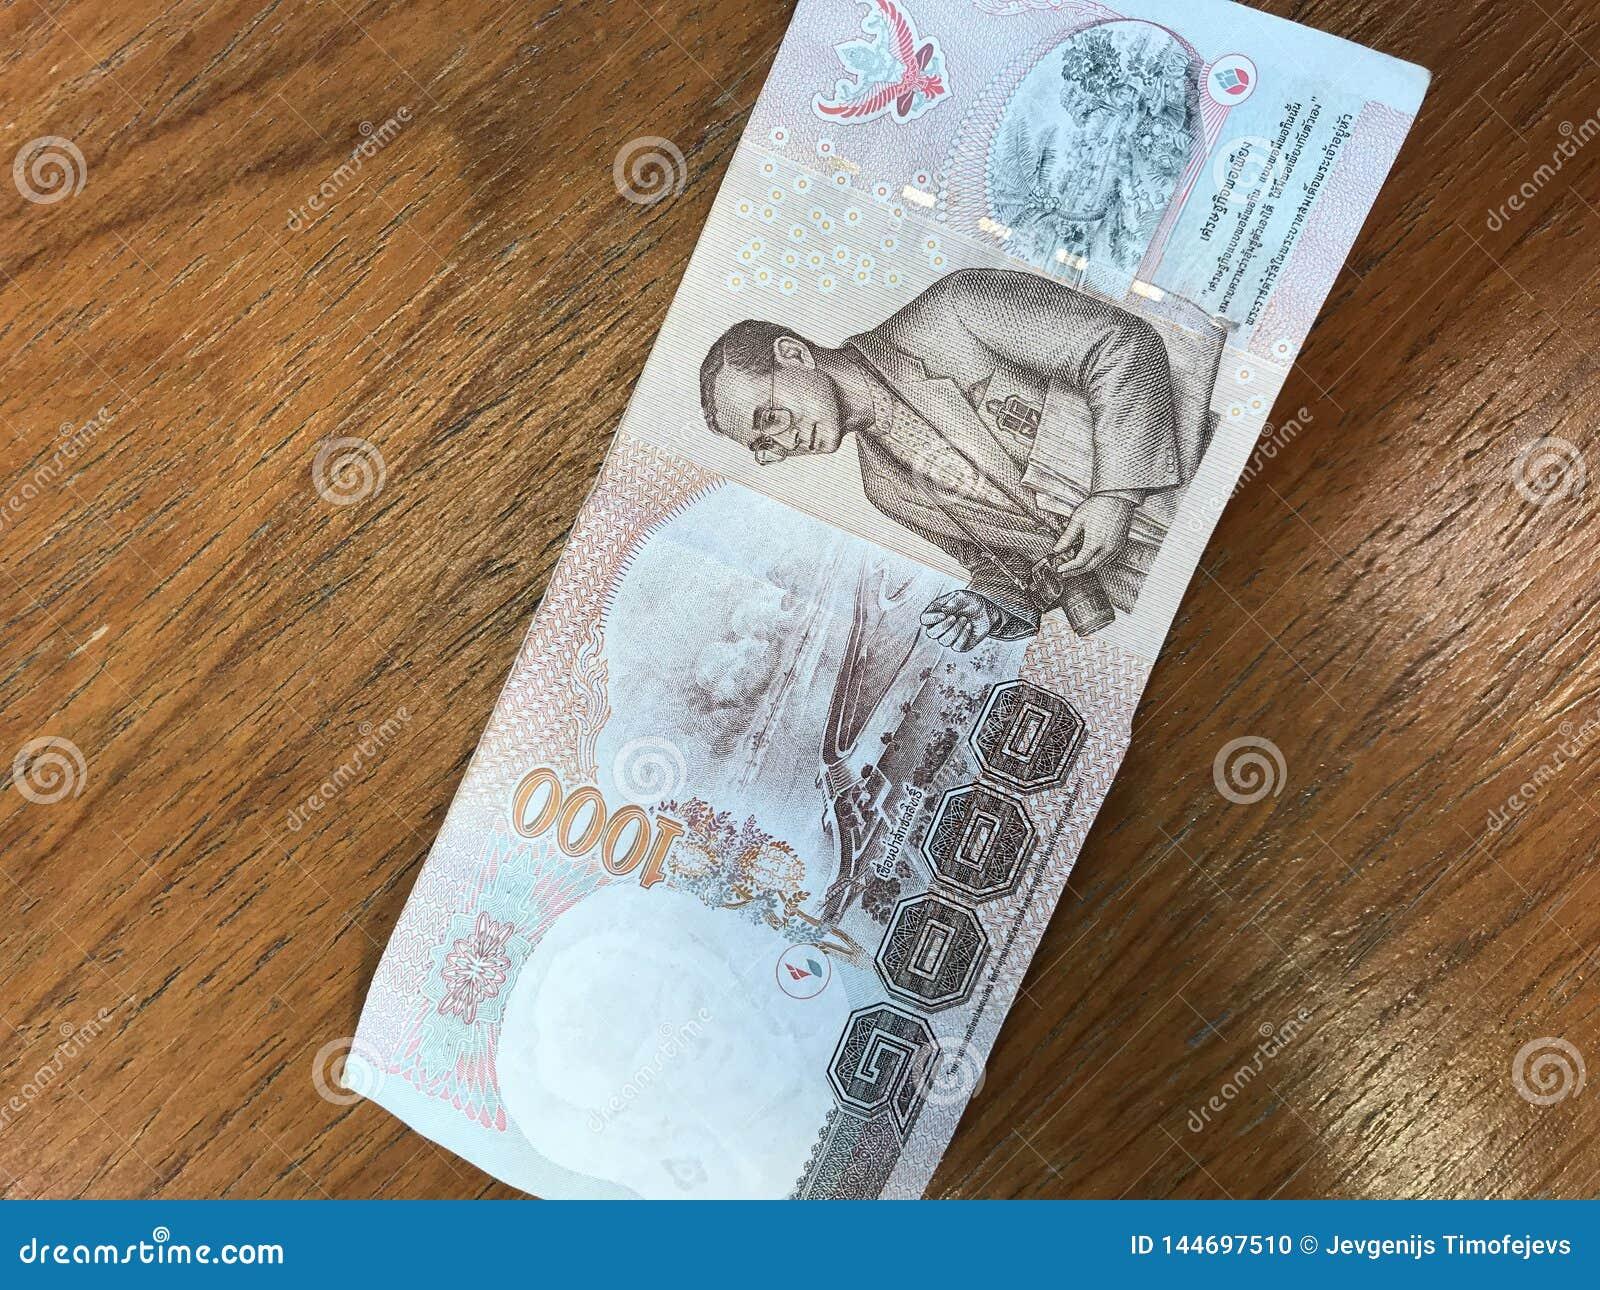 Królewiątko Bhumibol Adulyadej na 1000 nietoperzy banknocie Tajlandia